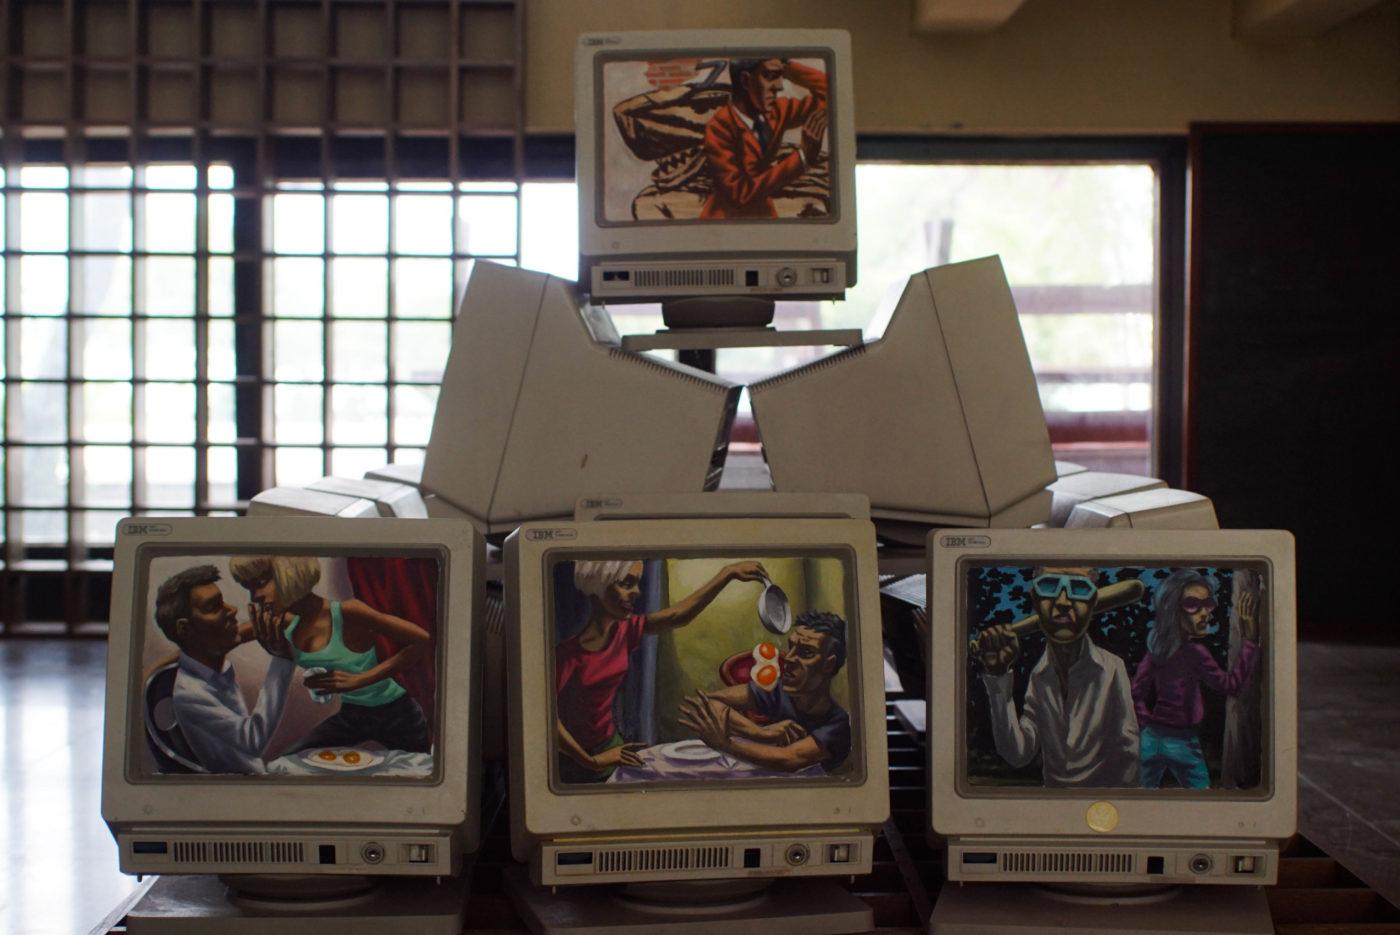 Es ist eine Pyramide von Alten Röhrencompterbildschirmen zu sehen. Auf Ihnen finden sich Motive im Stiel der Neuen Sachlichkeit und behandeln das Verhälnis von Mann und Frau